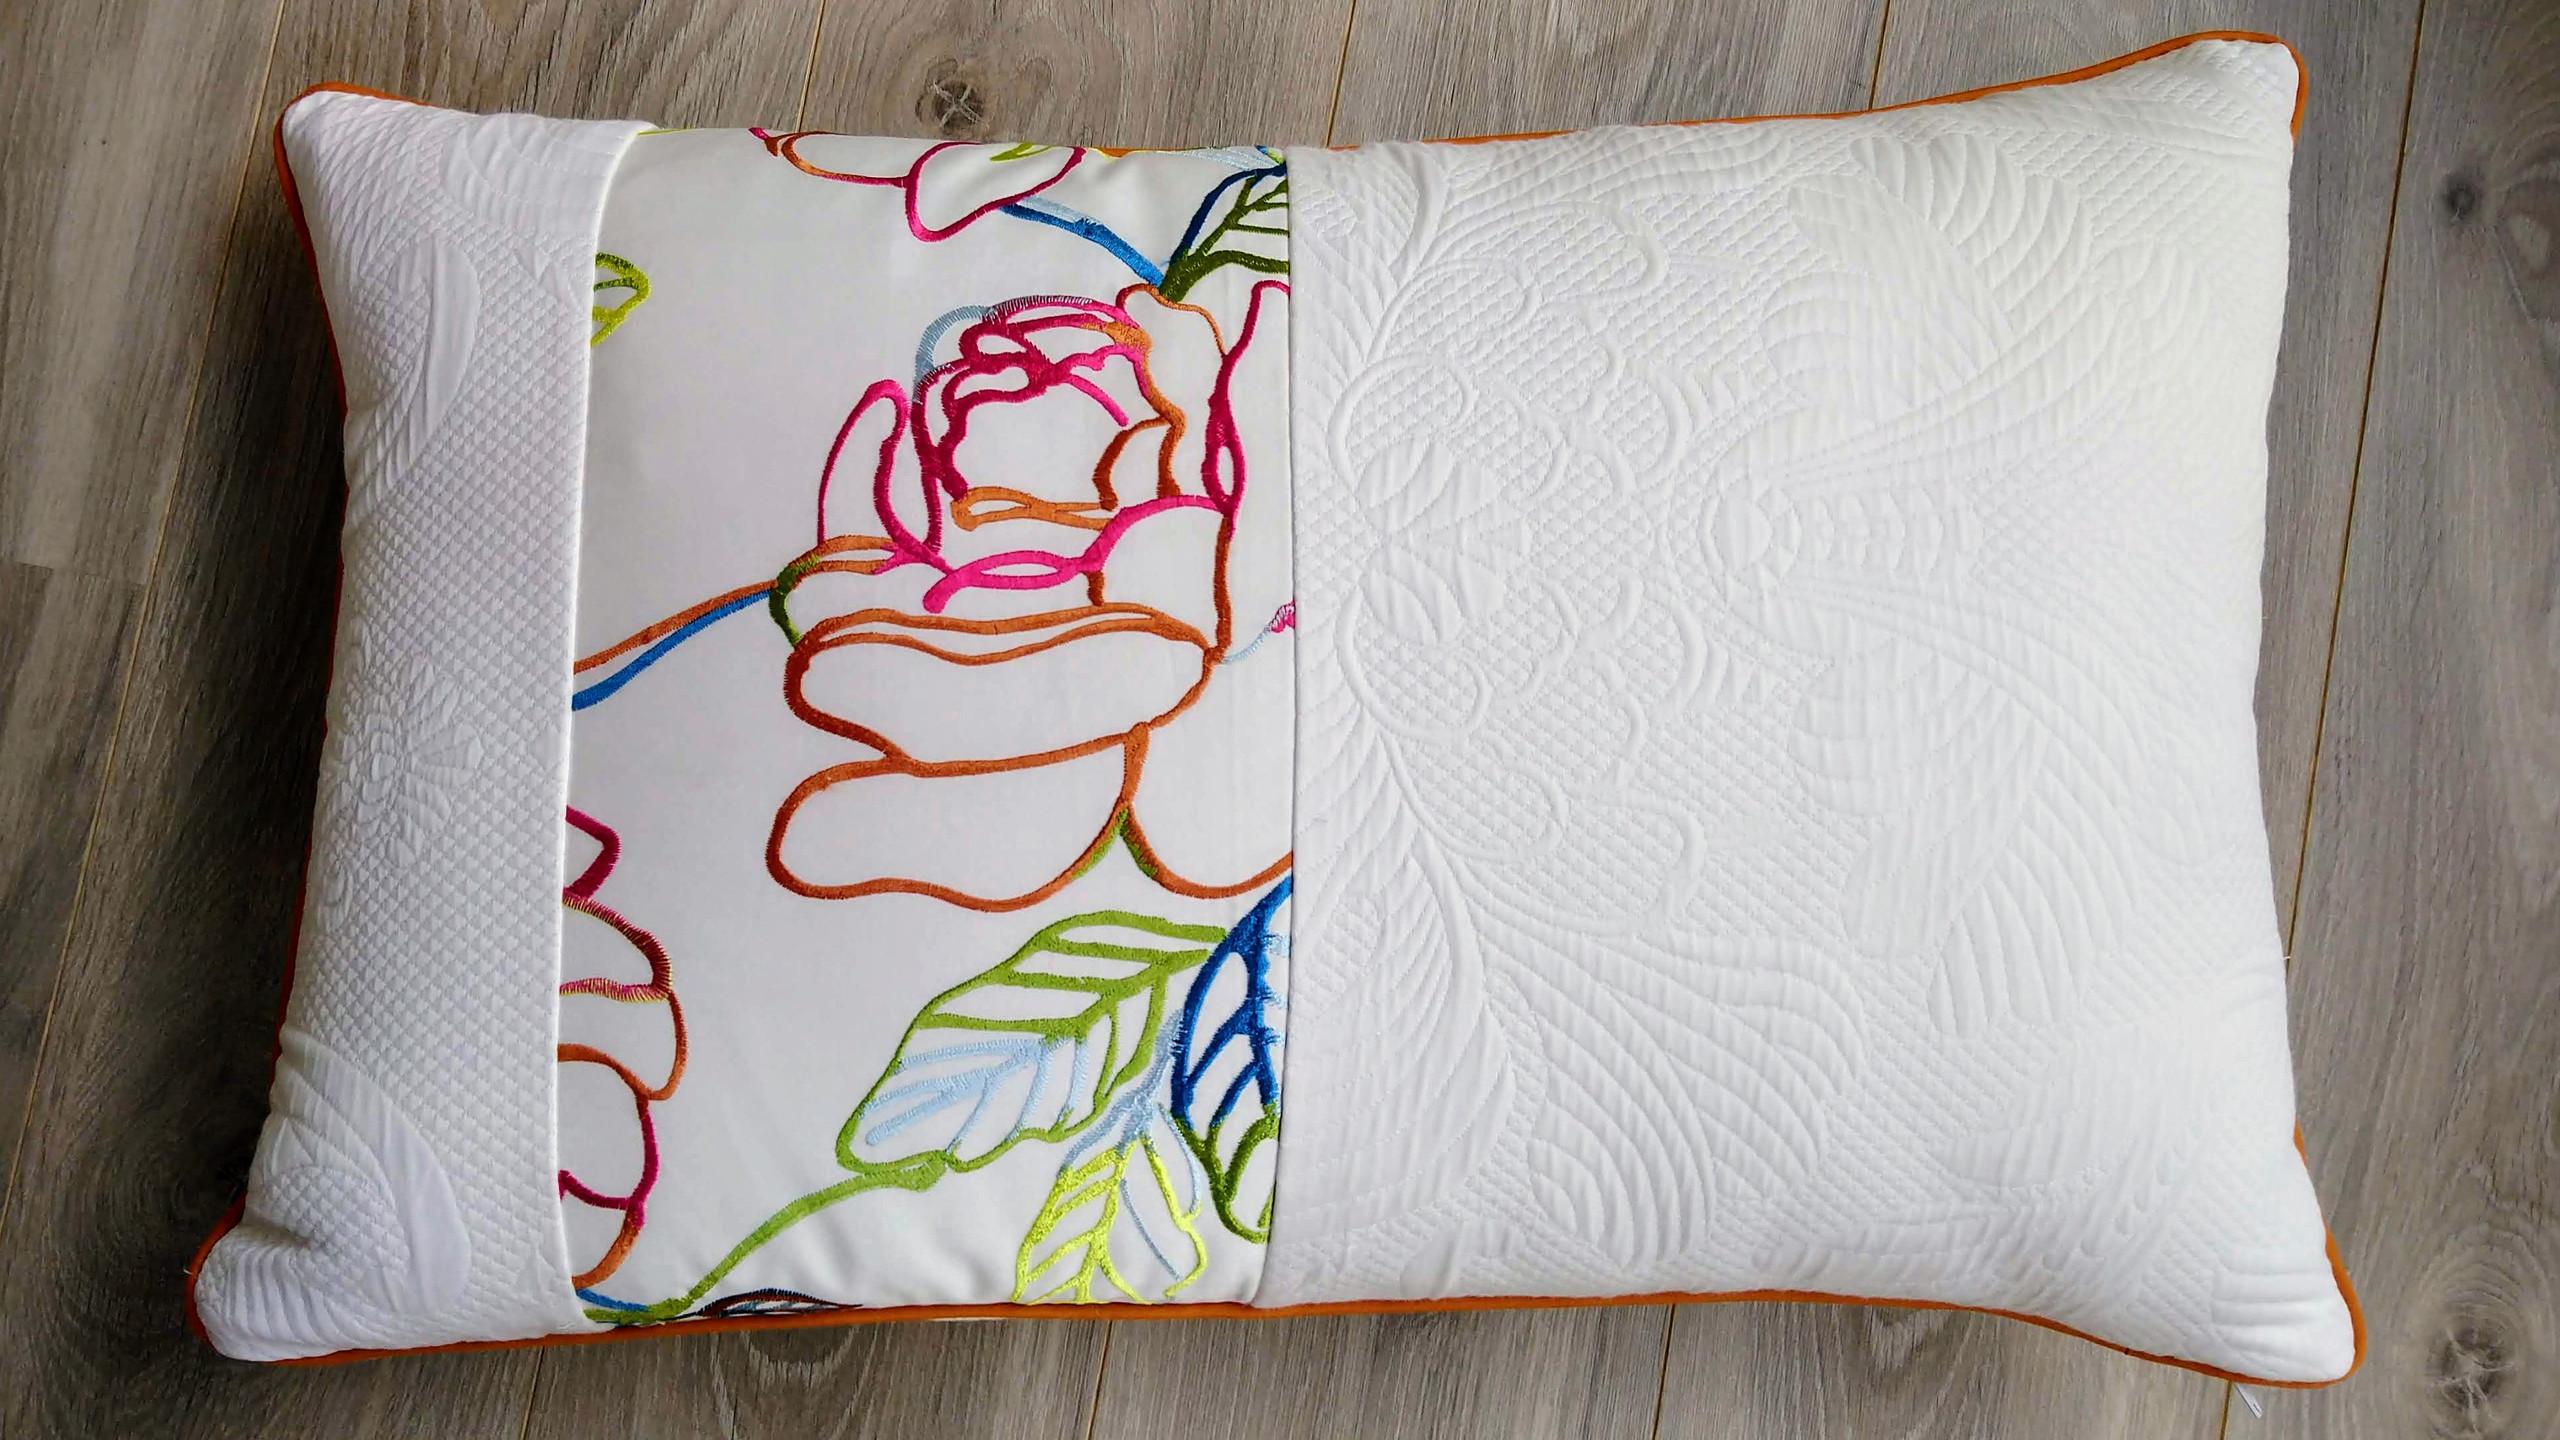 Coussin en tissu satiné brodée motif floral et piqué de coton blanc - passepoilé caramel - dimensions 45 x 45